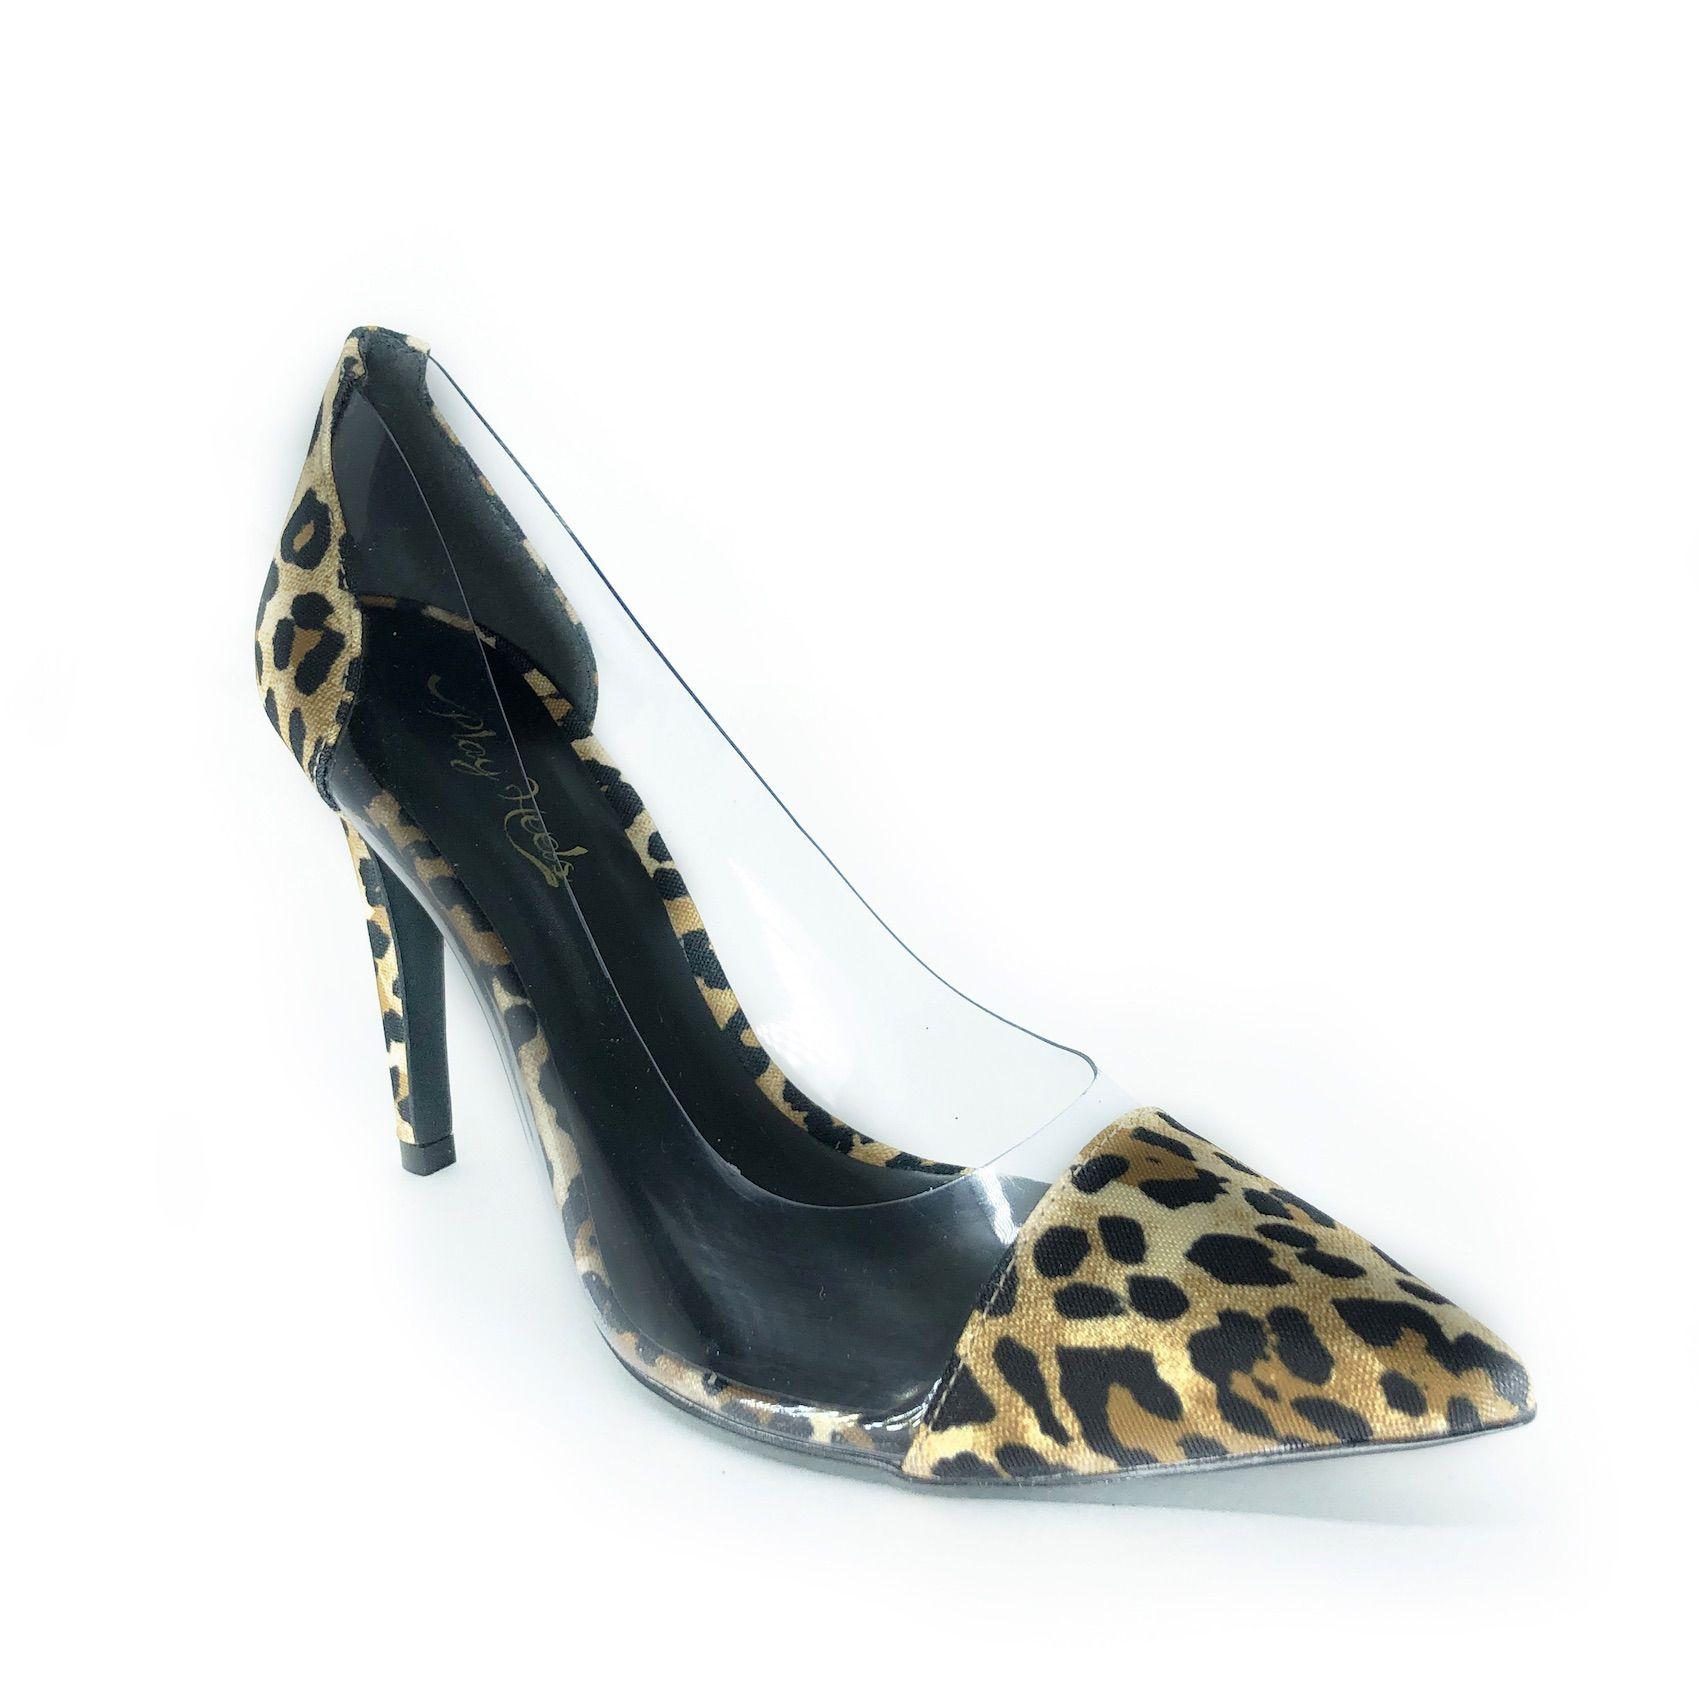 Scarpin Madonna Onça NR 9US - Play Heels